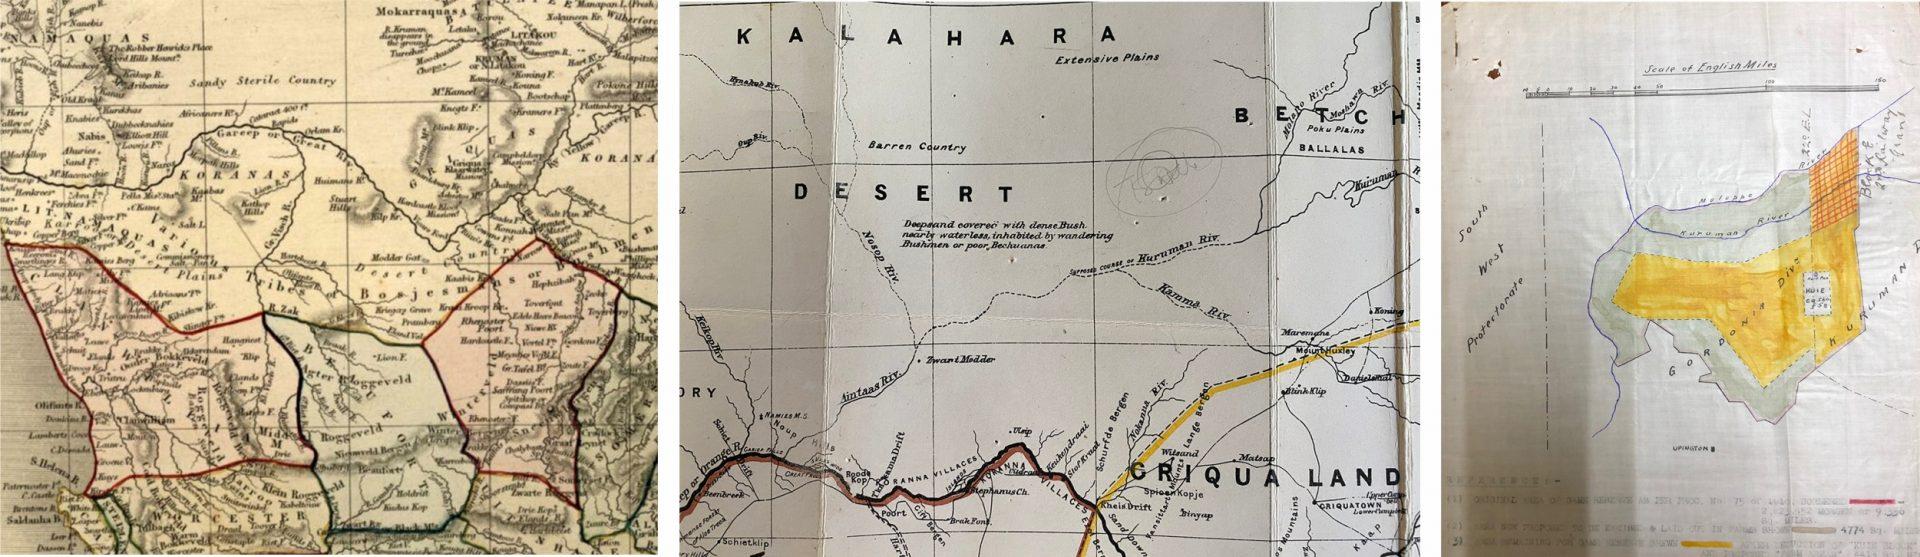 Pippa Skotnes Maps